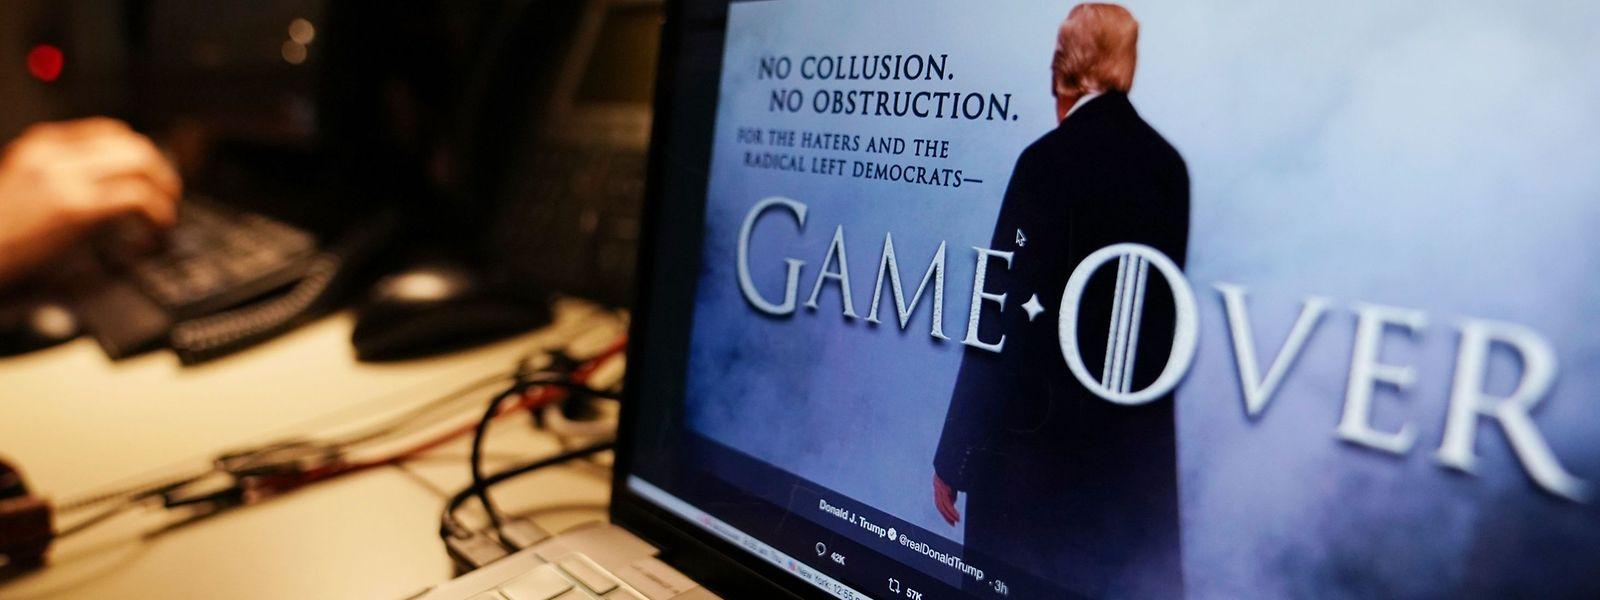 """In einer von """"Game of Thrones"""" inspirierten Fotomontage teilte Donald Trump seinen Kritikern noch am Donnerstagabend triumphierend über Twitter mit, es sei nun """"Game Over"""" für sie."""